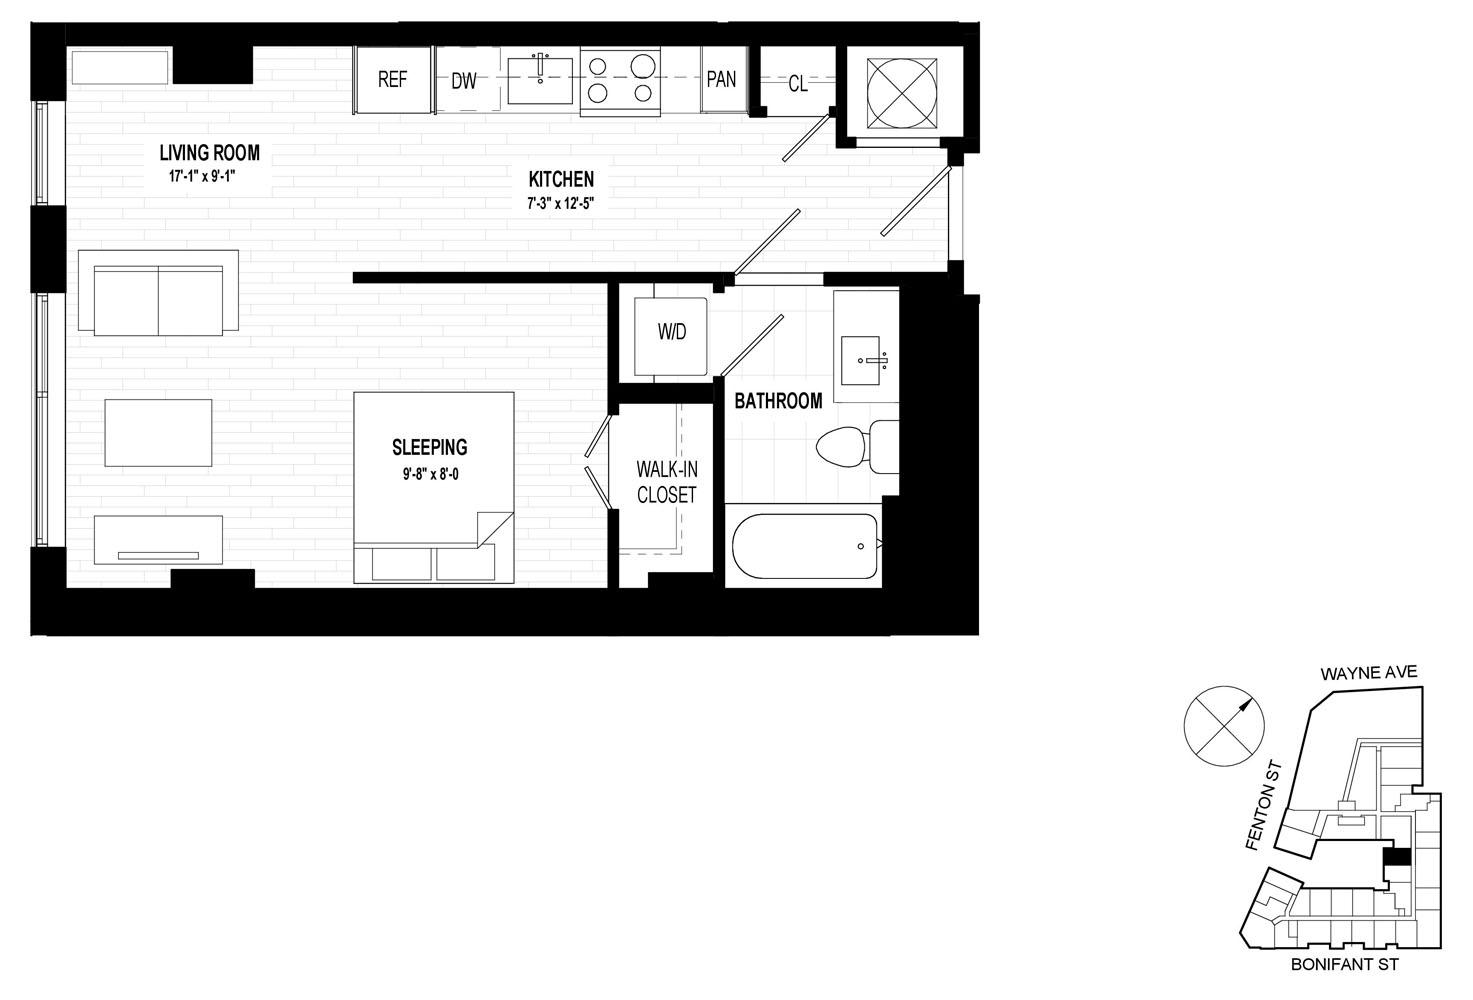 P0578887 761sa03 central e01a 497 2 floorplan